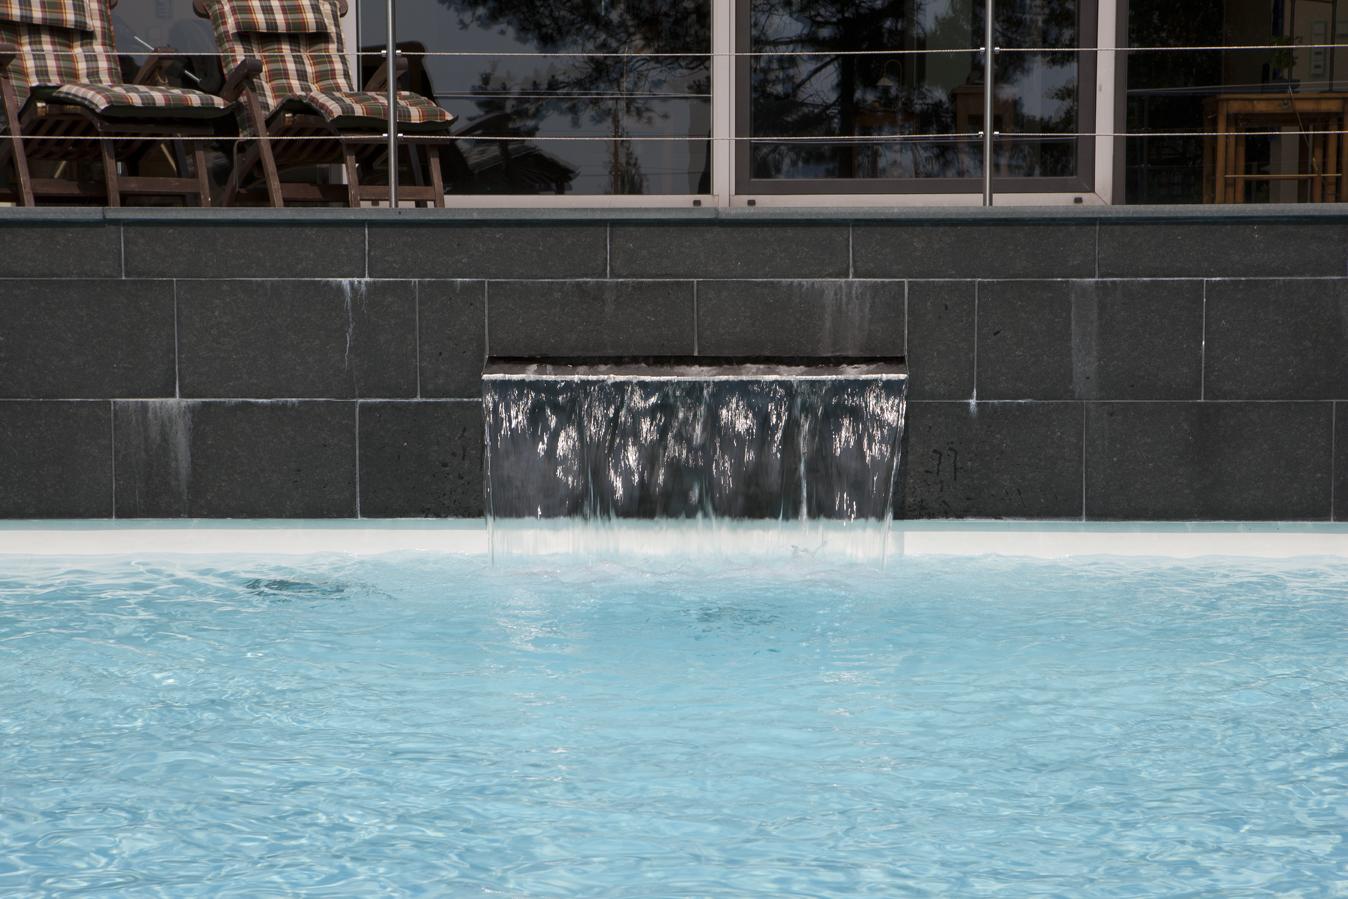 Wasserspeier in der Wand eines Schwimmbads in Düsseldorf